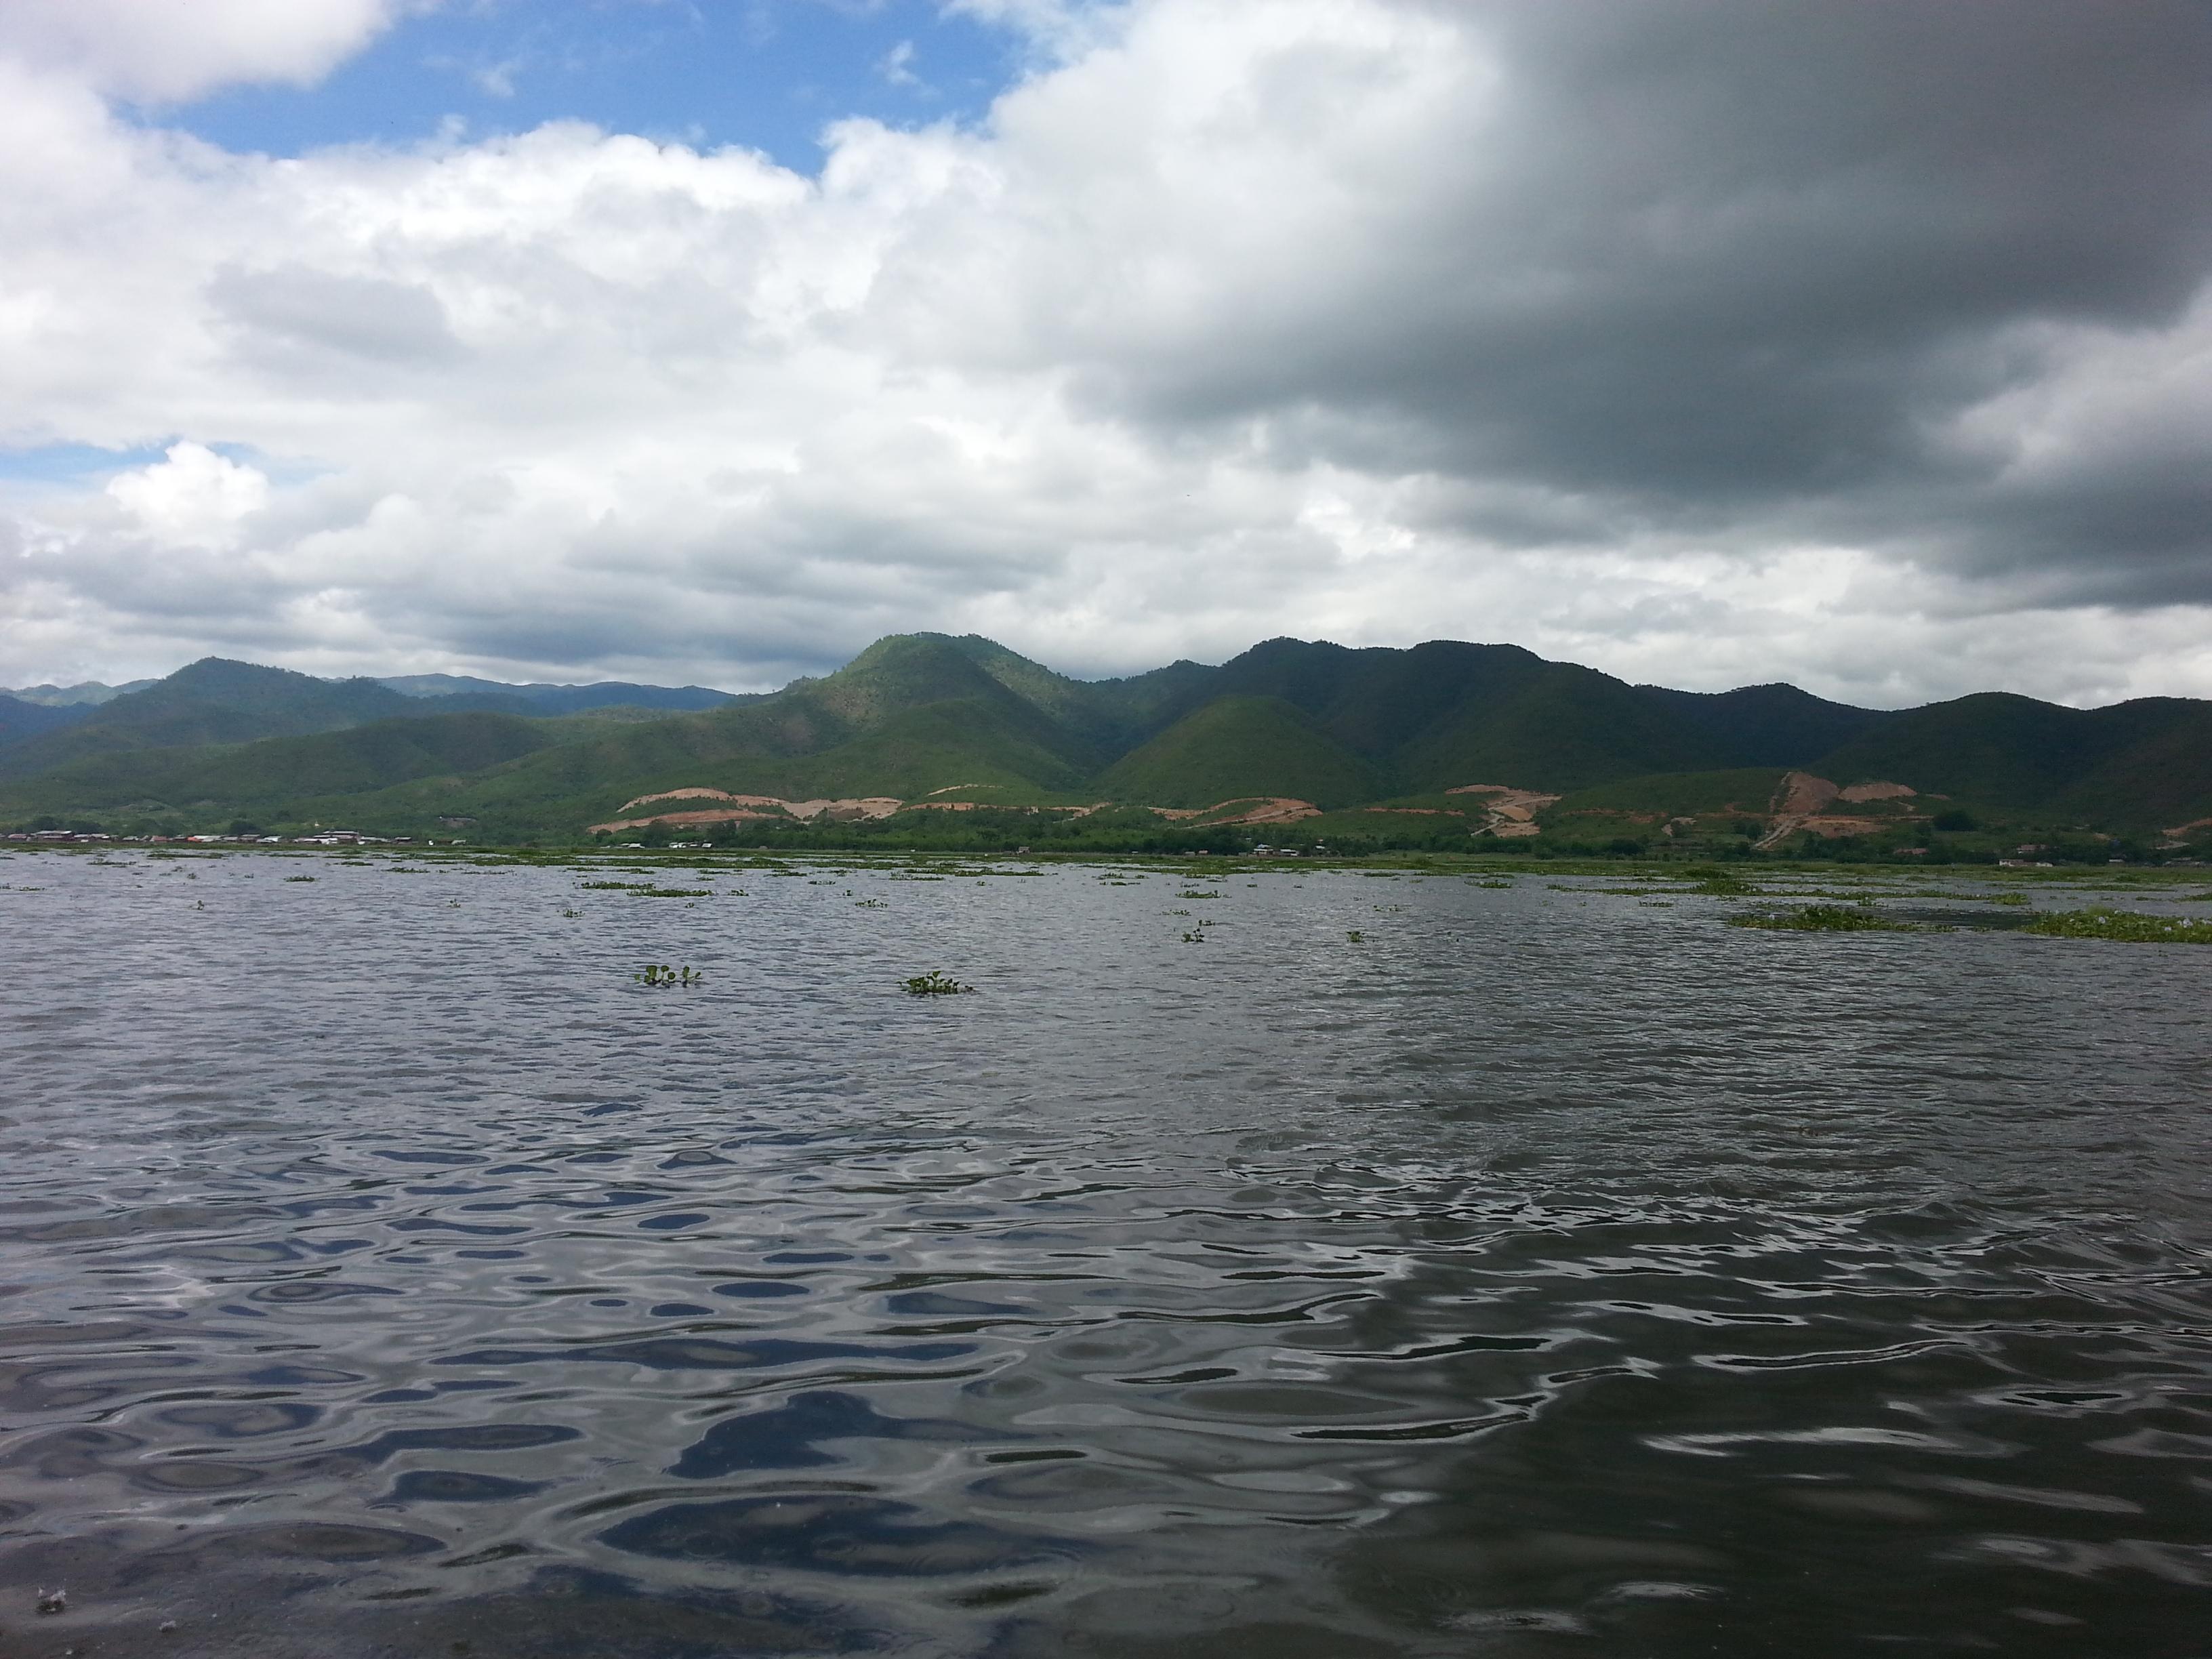 Myanmar | Inle Lake/Kalaw